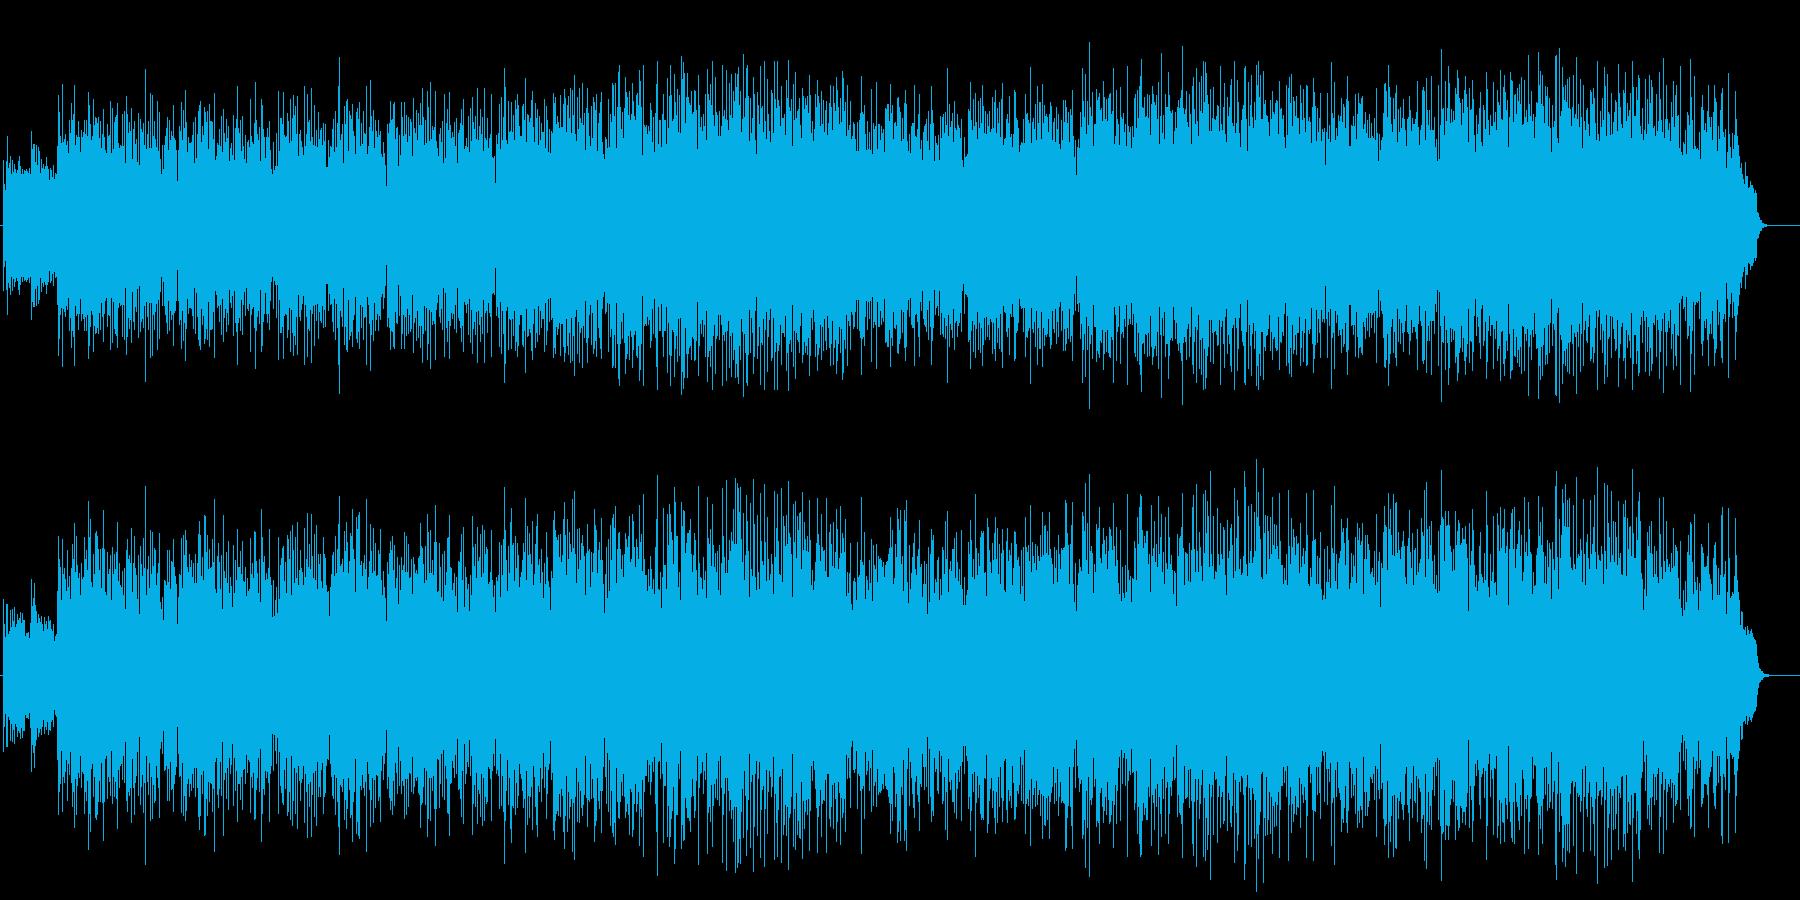 ピアノが華麗で上品なオーケストラポップスの再生済みの波形